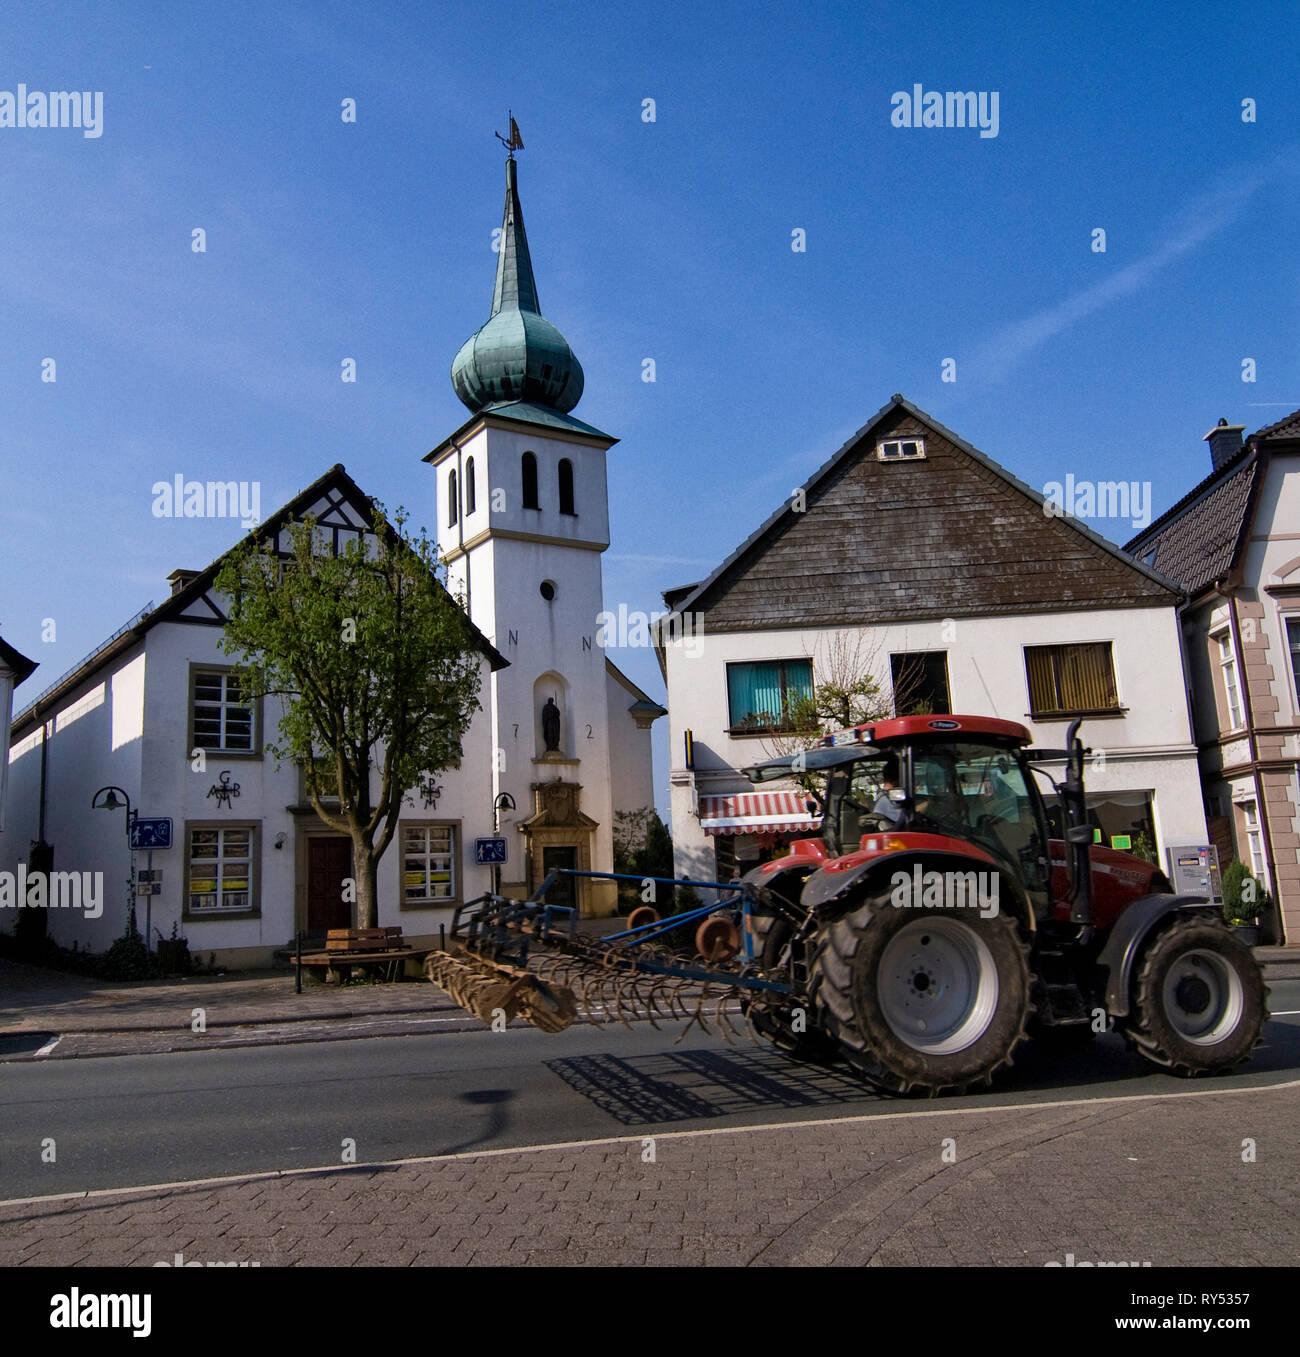 Stadtbild von Breckerfel in Nordrhein Westfalen mit Kirche, Wohnhaus und Traktor im Vordergrund Stockbild